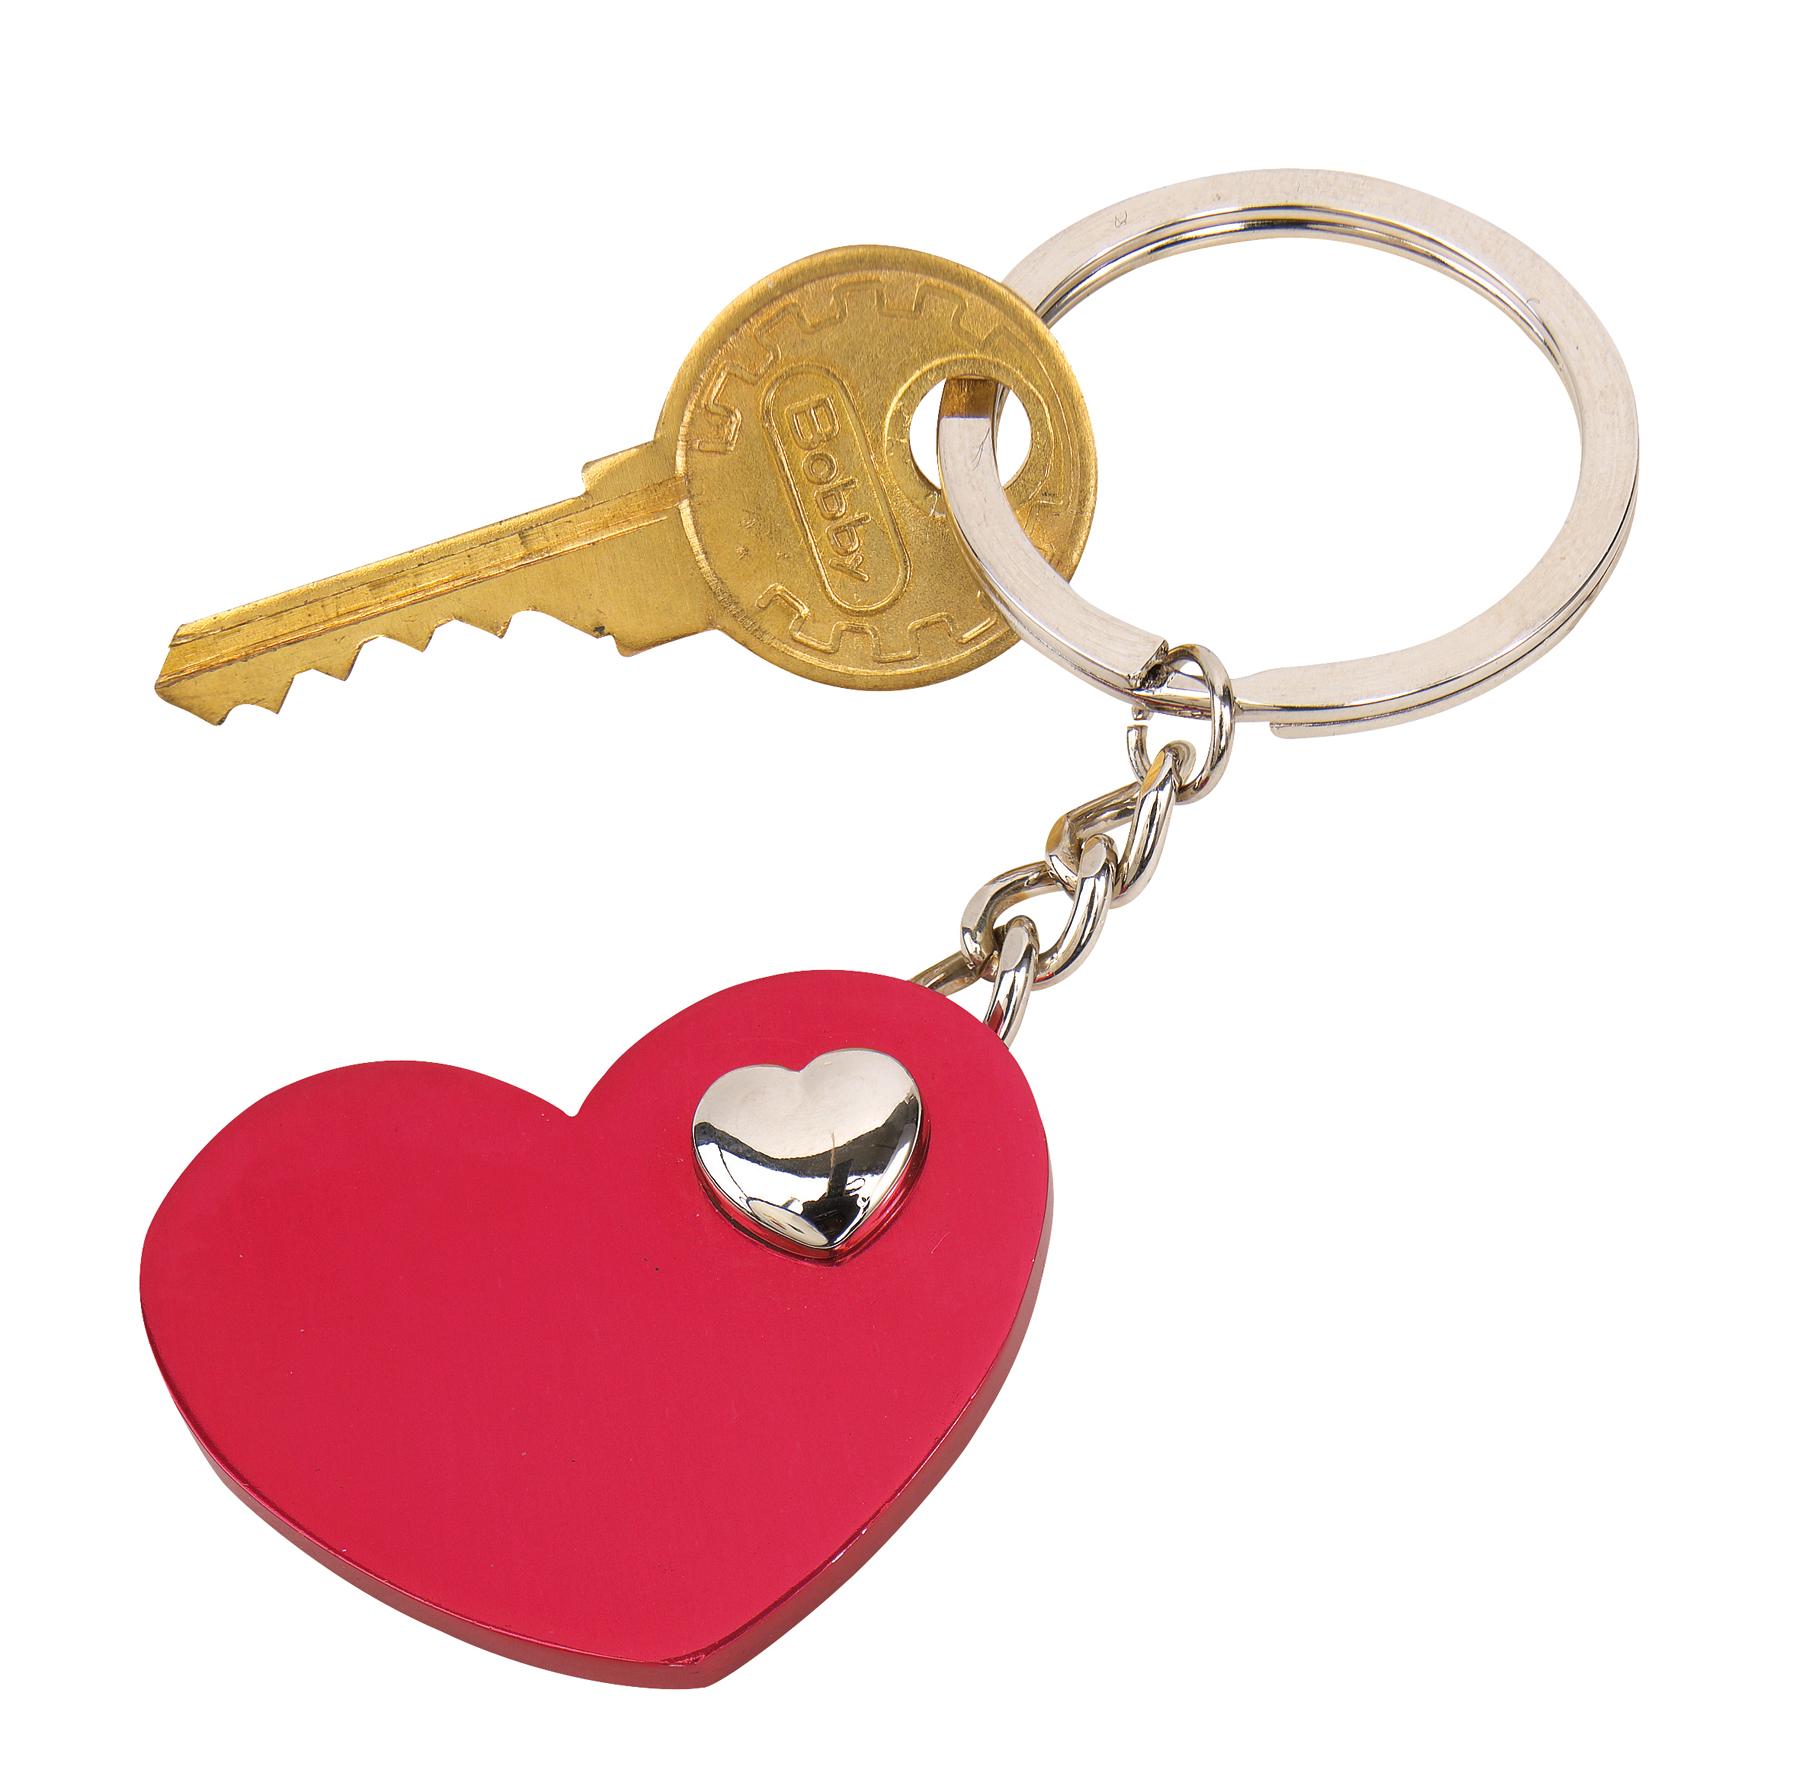 Brelok HEART-IN-HEART, czerwony, srebrny